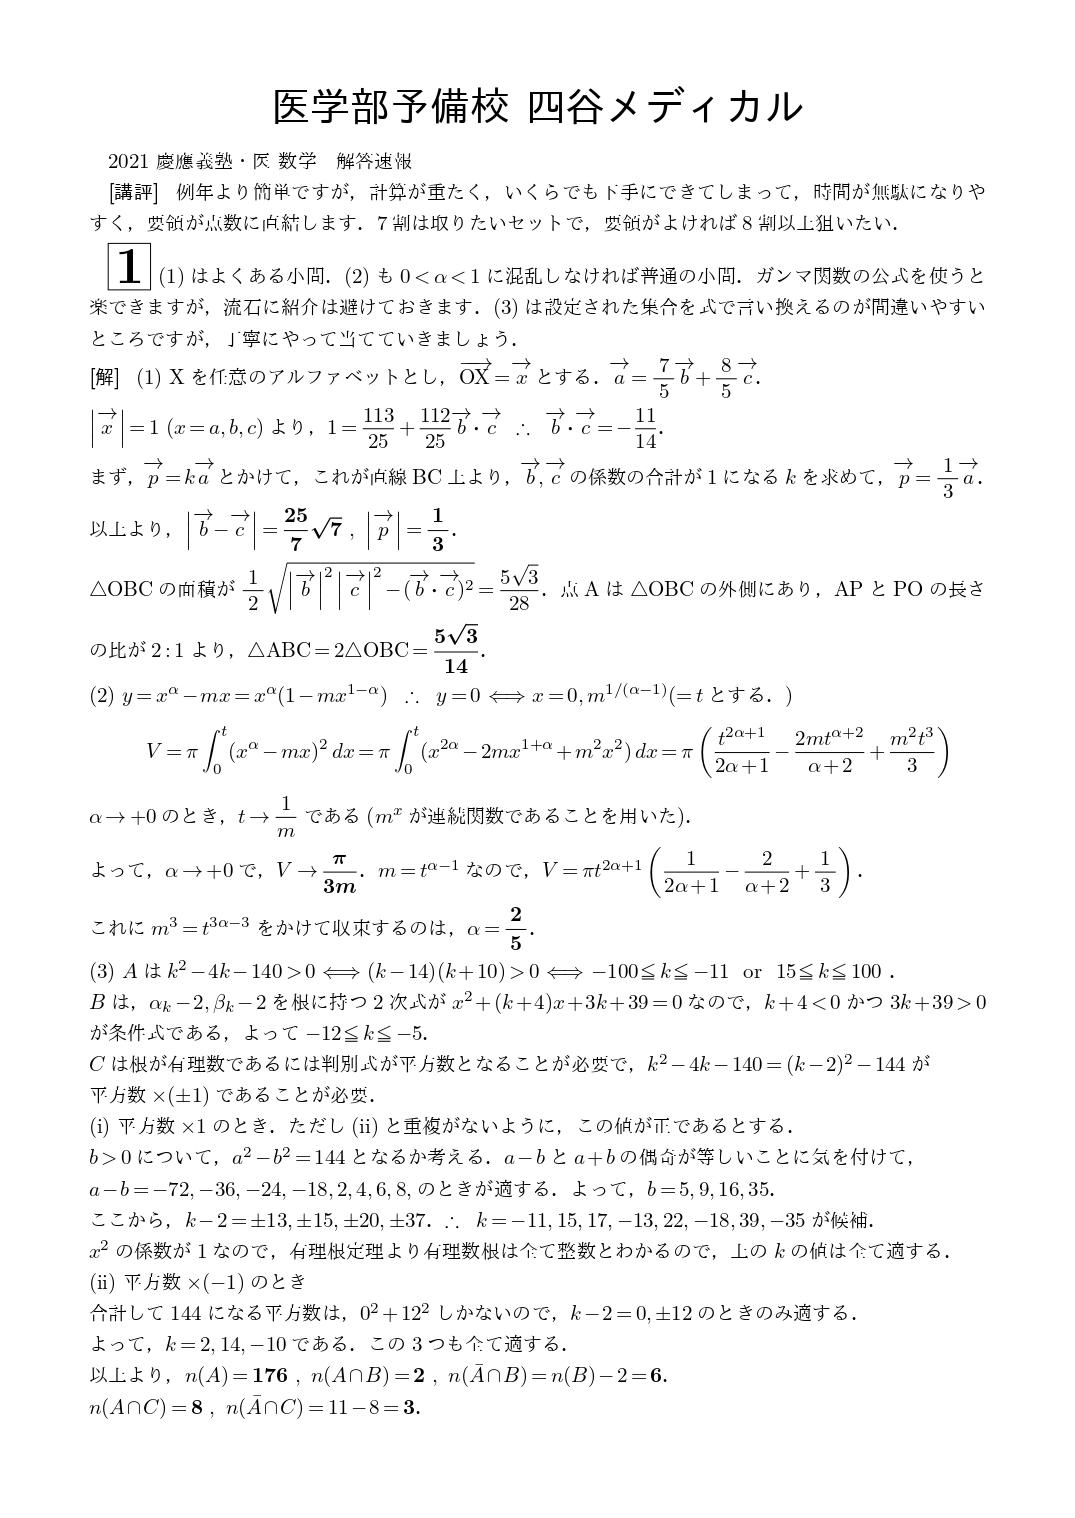 2021年2月19日 慶應義塾大学 解答速報